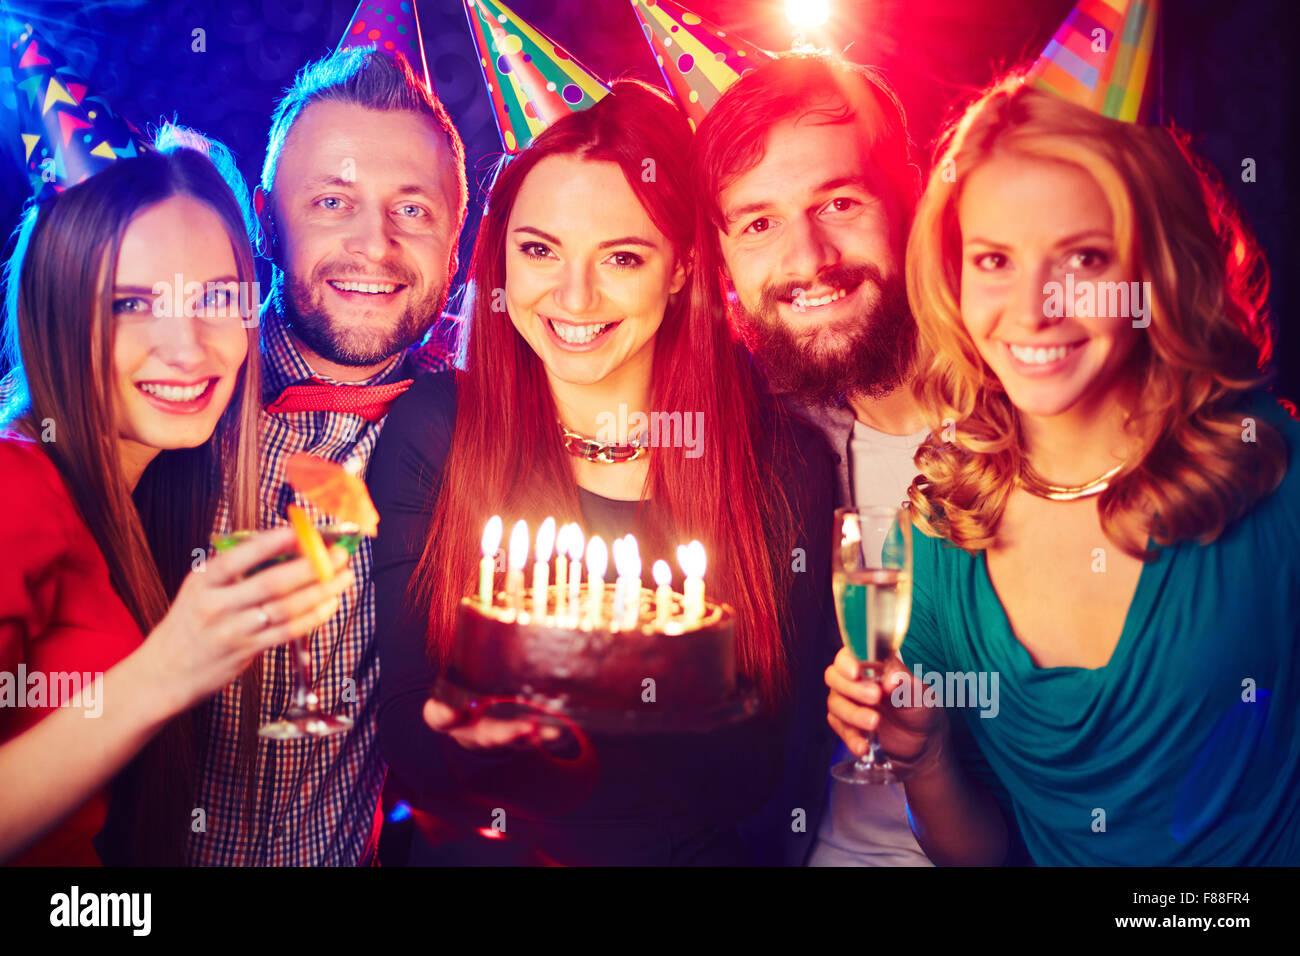 Tarta de Cumpleaños con amigos alegres vítores en night club Imagen De Stock